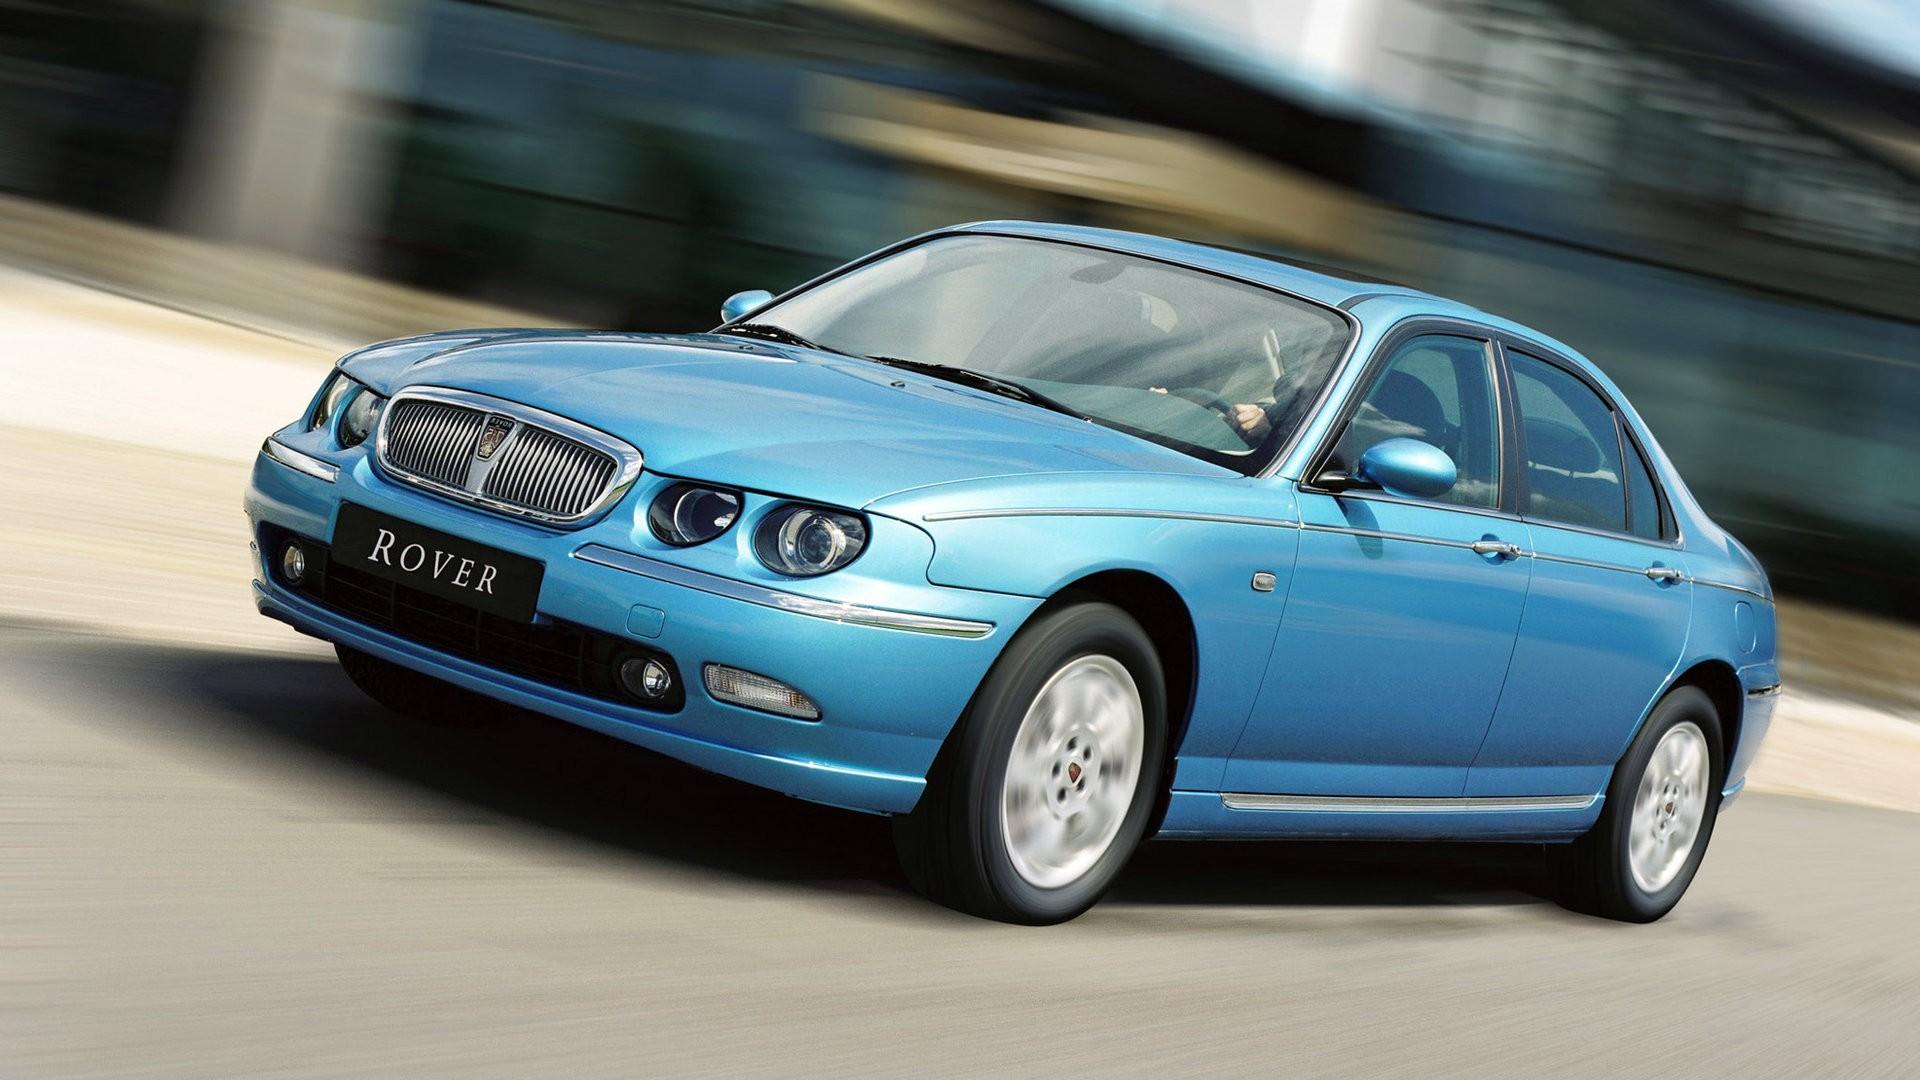 Coche del día: Rover 75 2.5 V6 Club